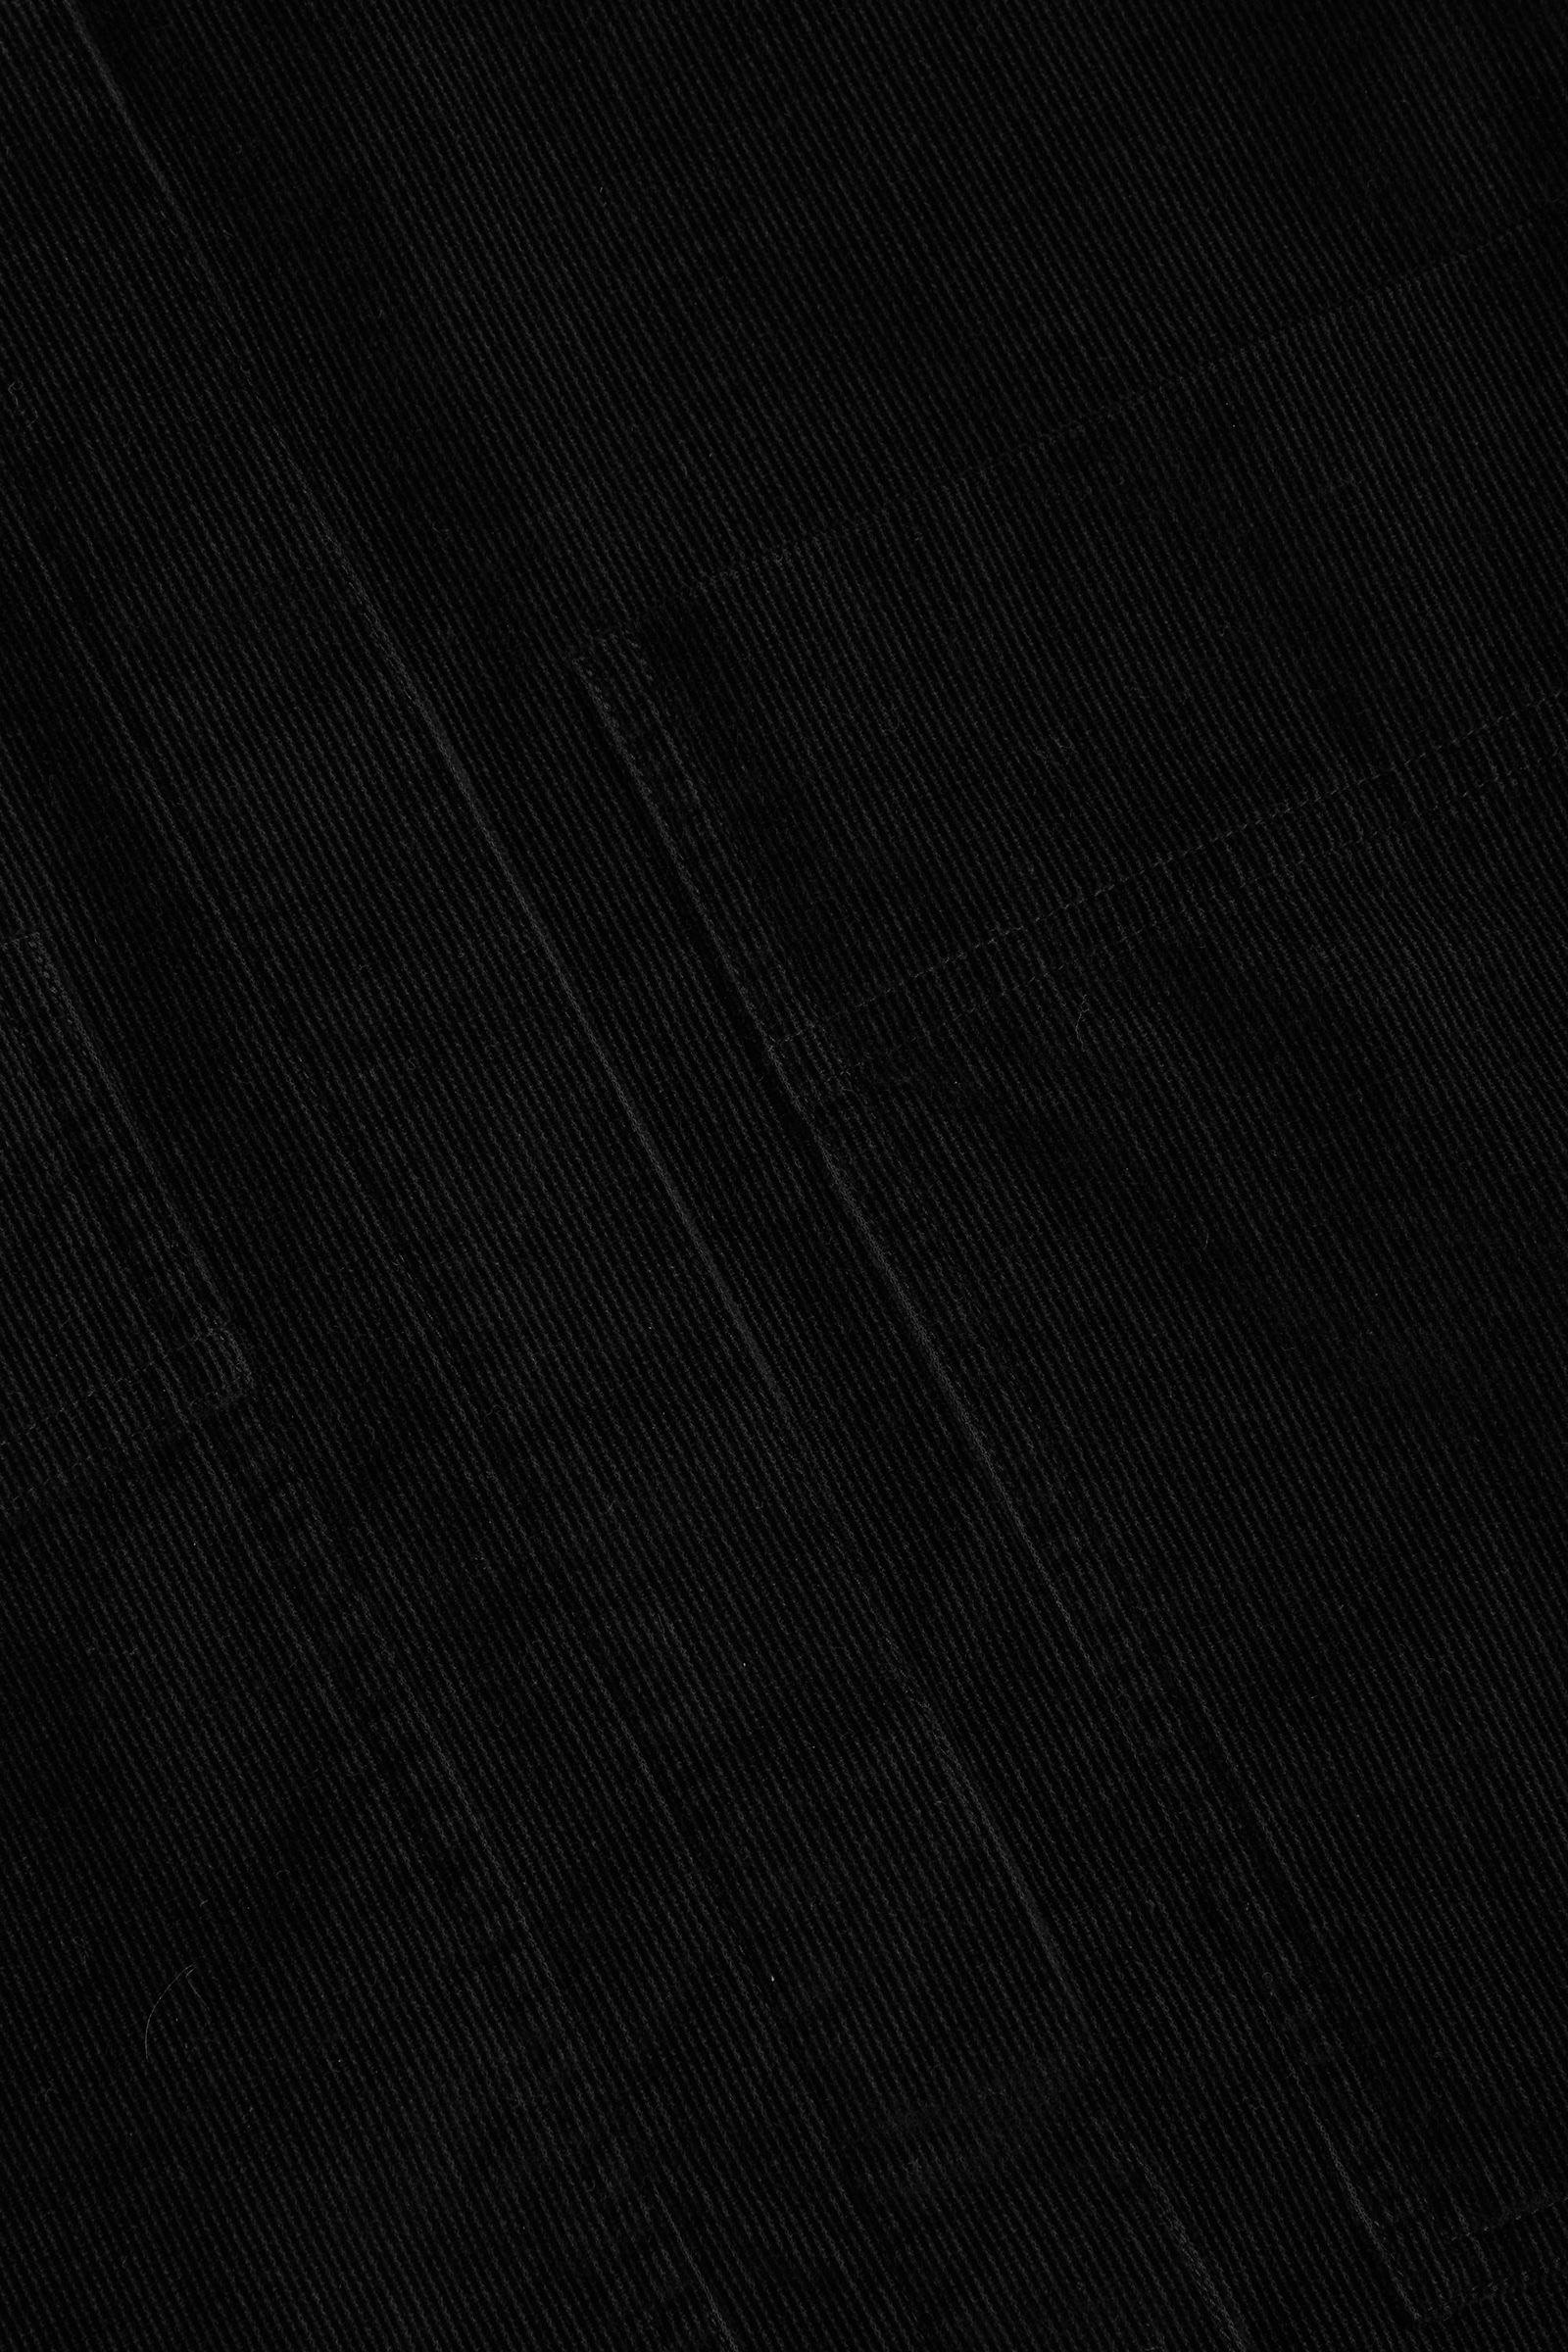 COS 오버사이즈 코튼 셔츠의 블랙컬러 Detail입니다.